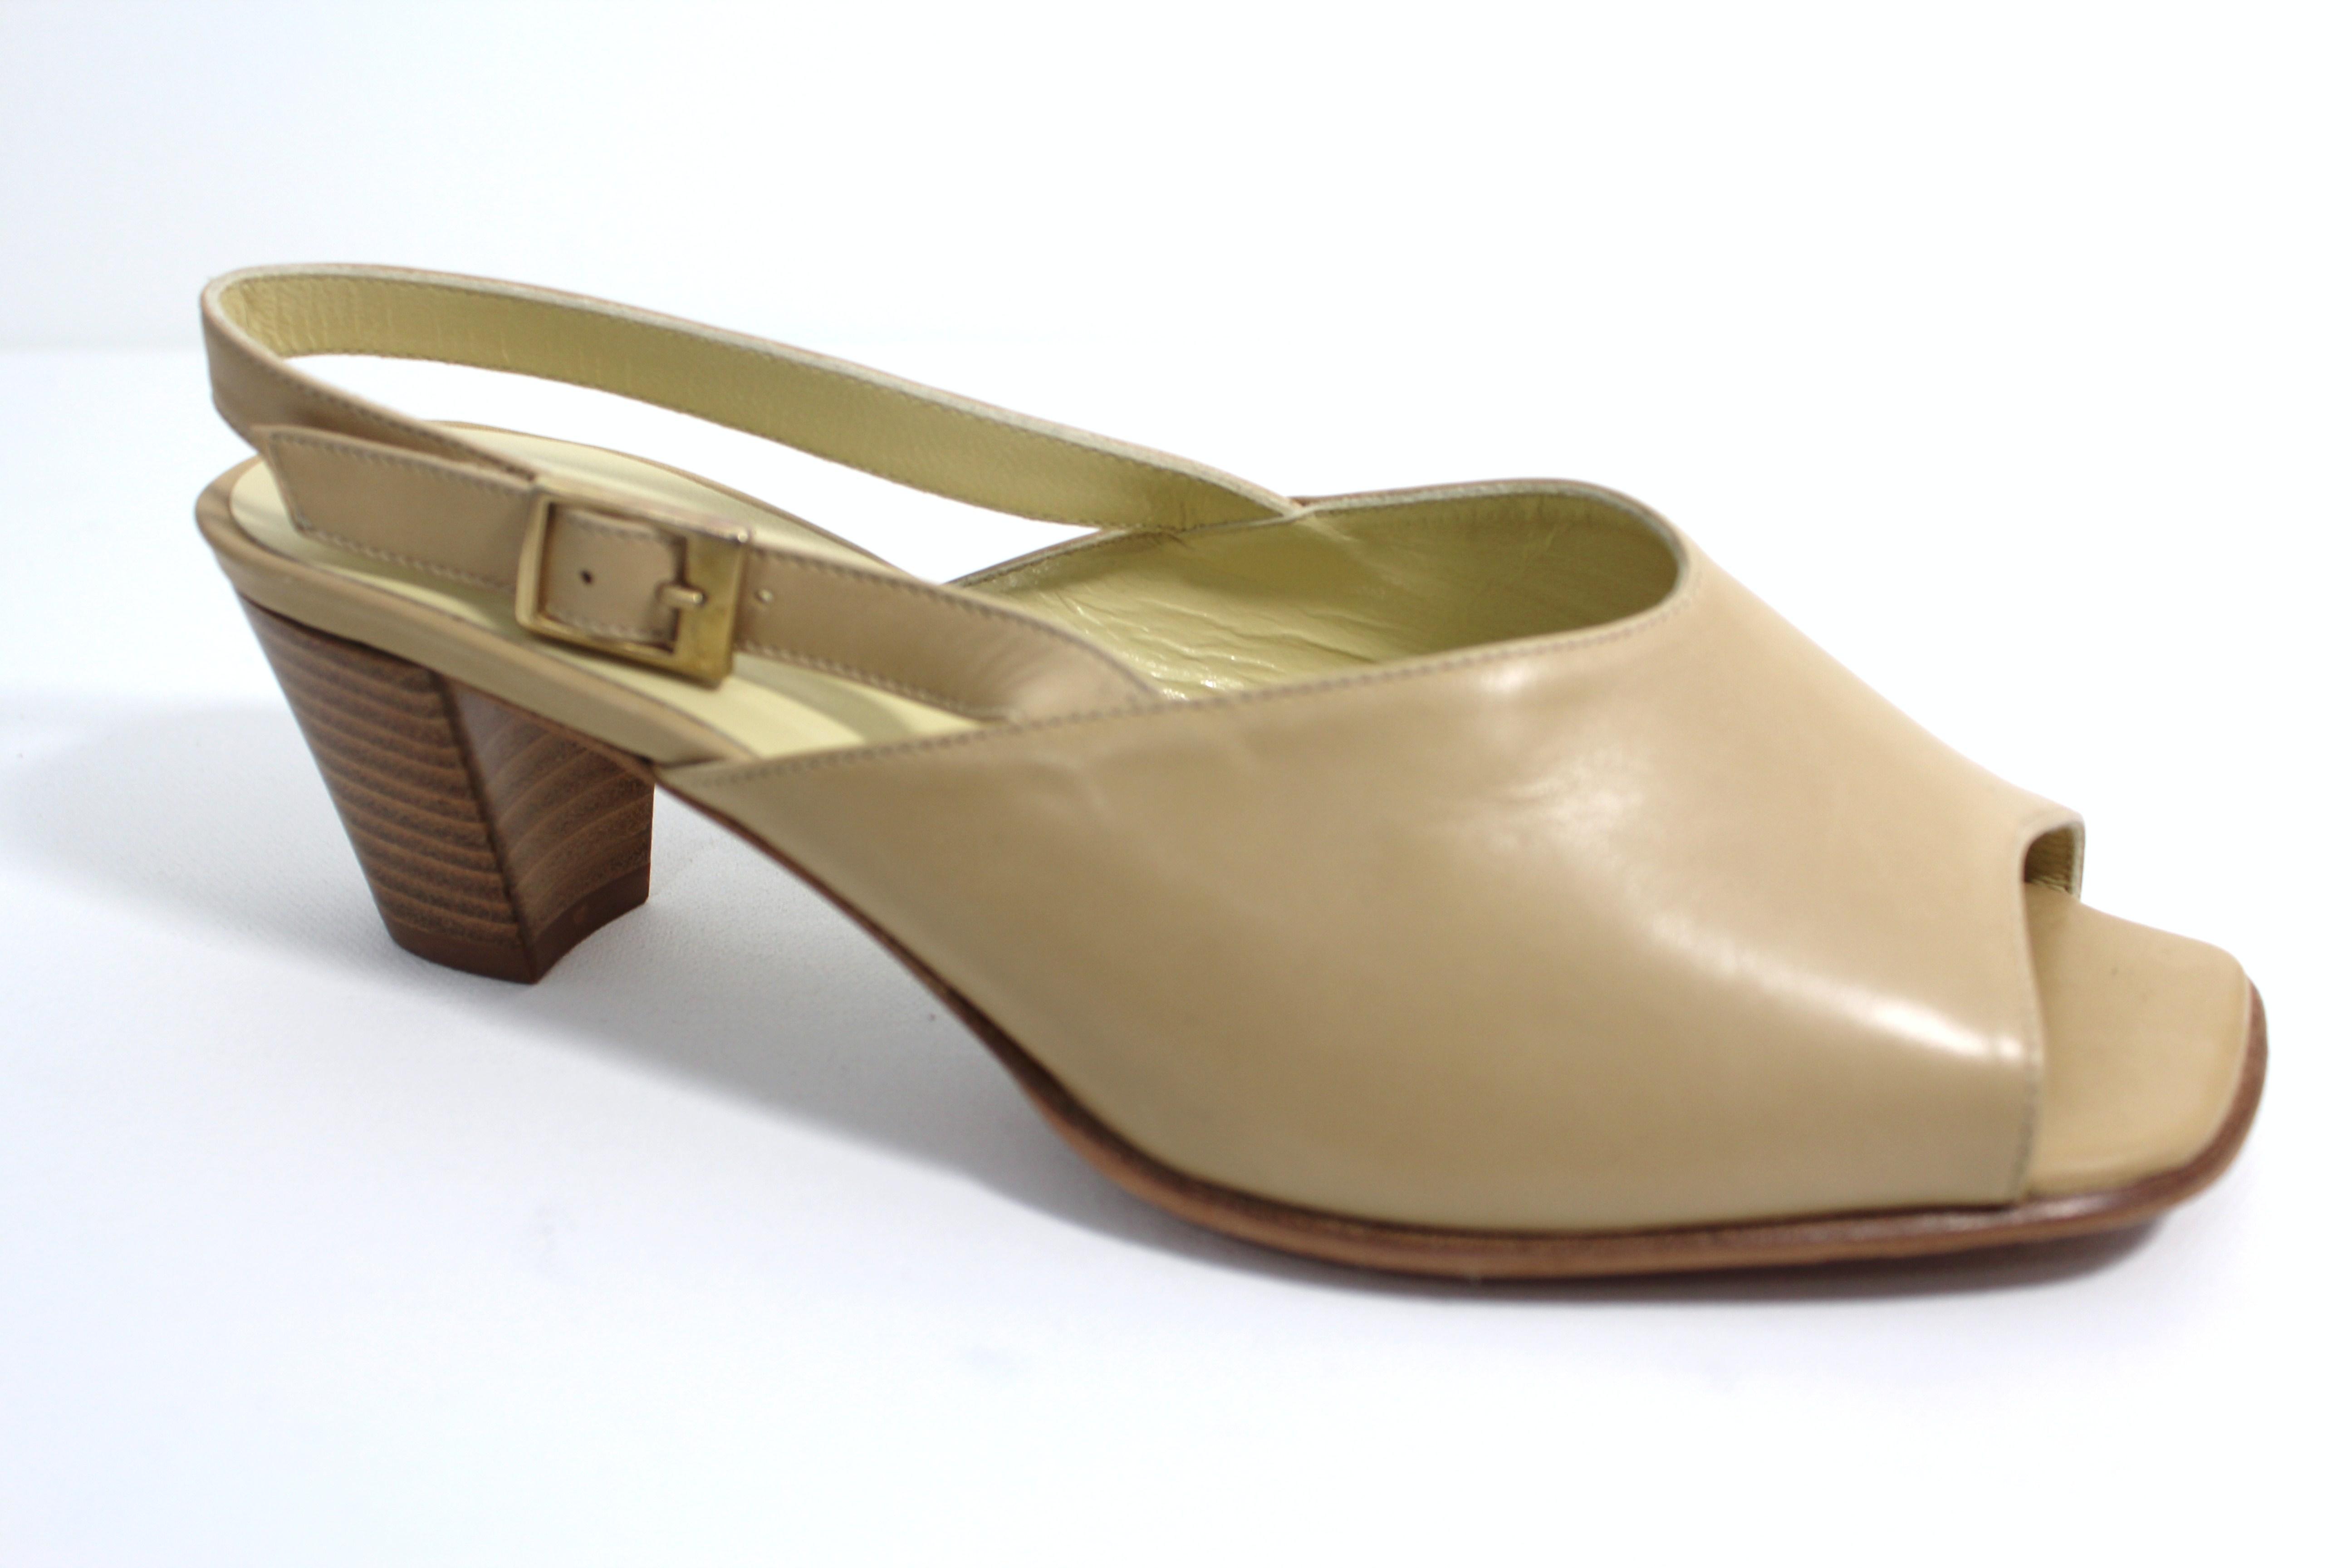 toscanini schuhe in ber und untergr en sandalette 29126004 p2642. Black Bedroom Furniture Sets. Home Design Ideas